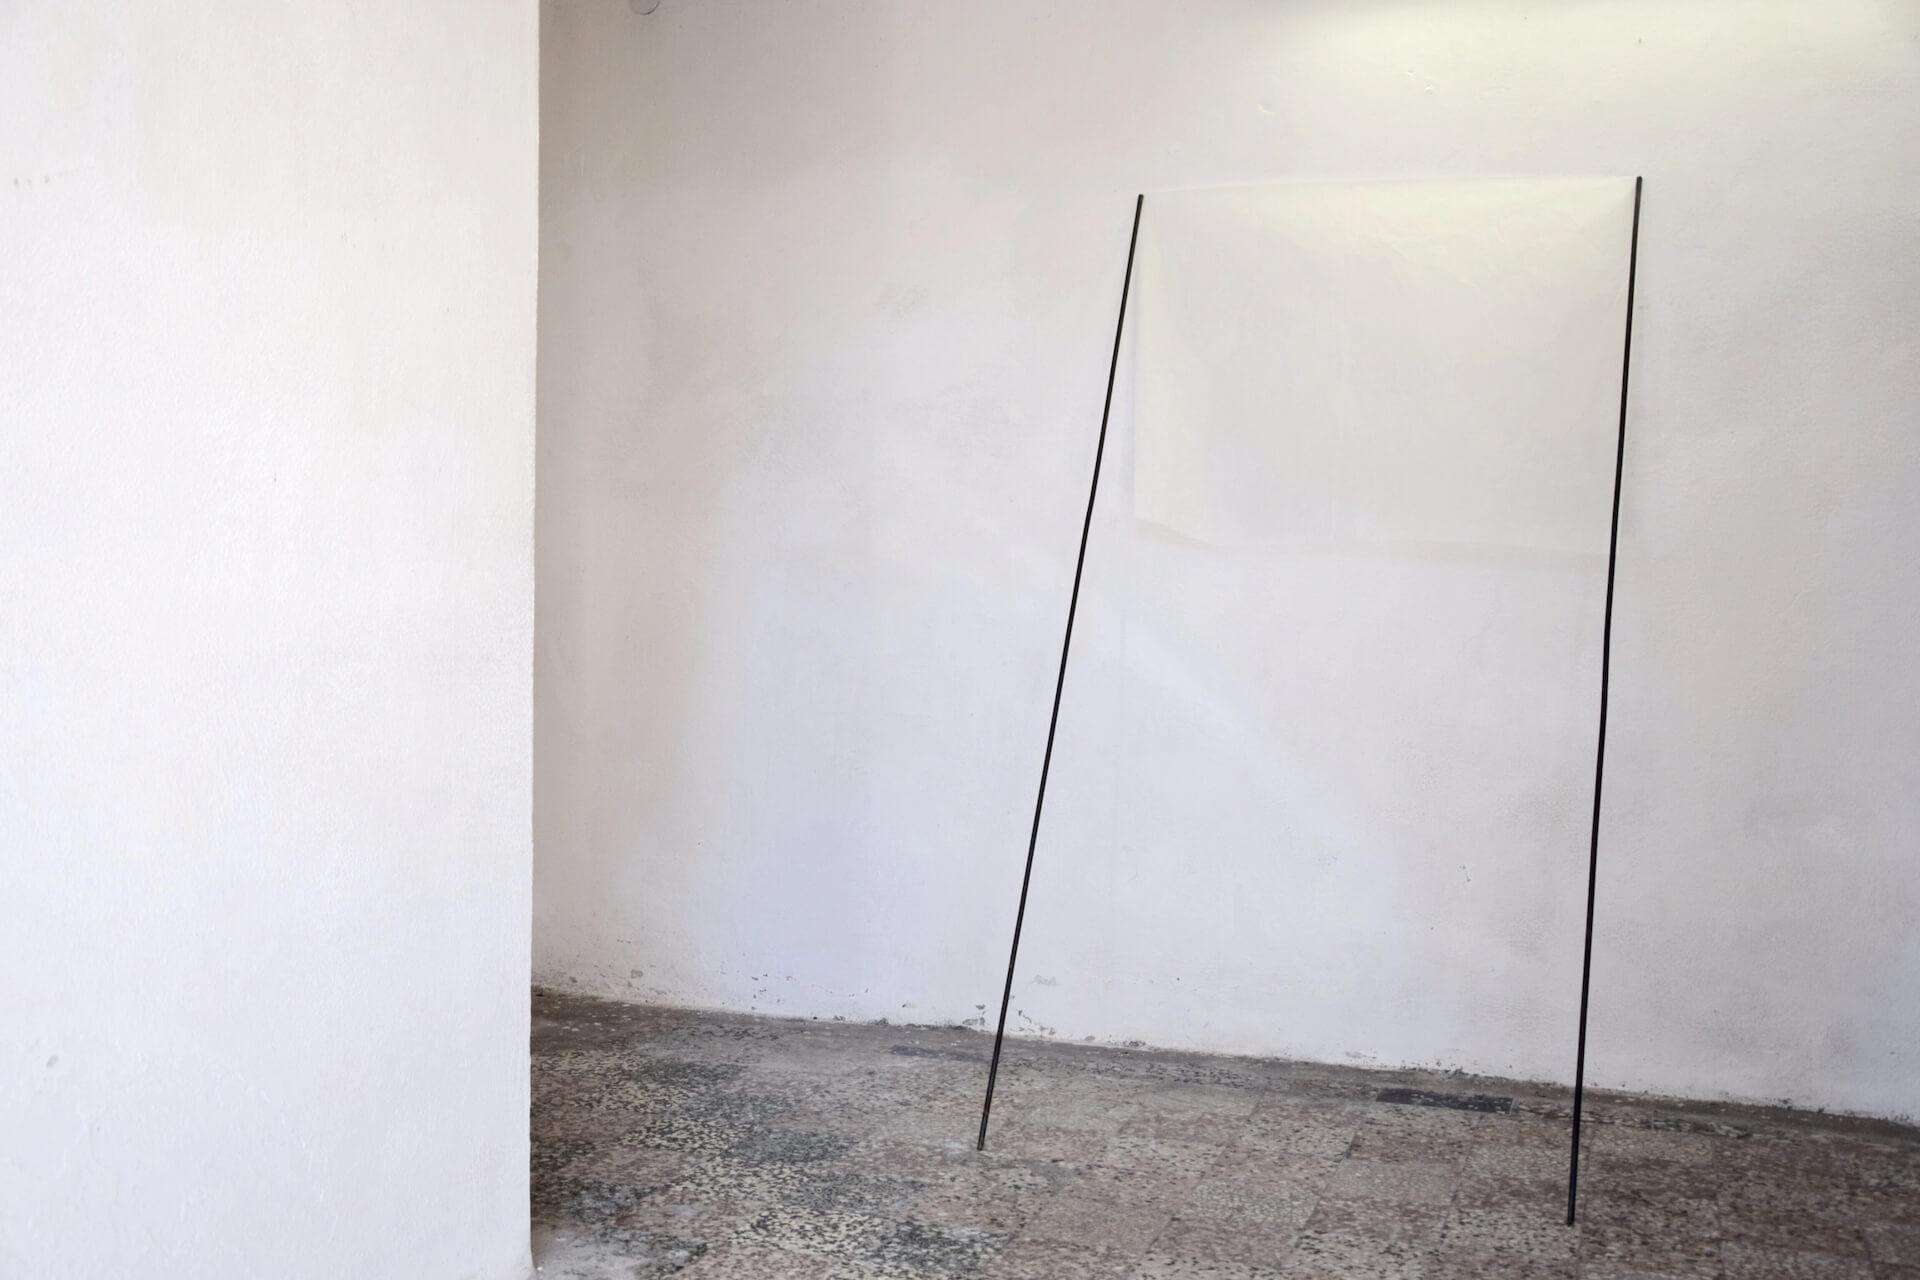 Federico Branchetti - Sculture - Nuvola, carta di riso e tondini di ferro, 2018